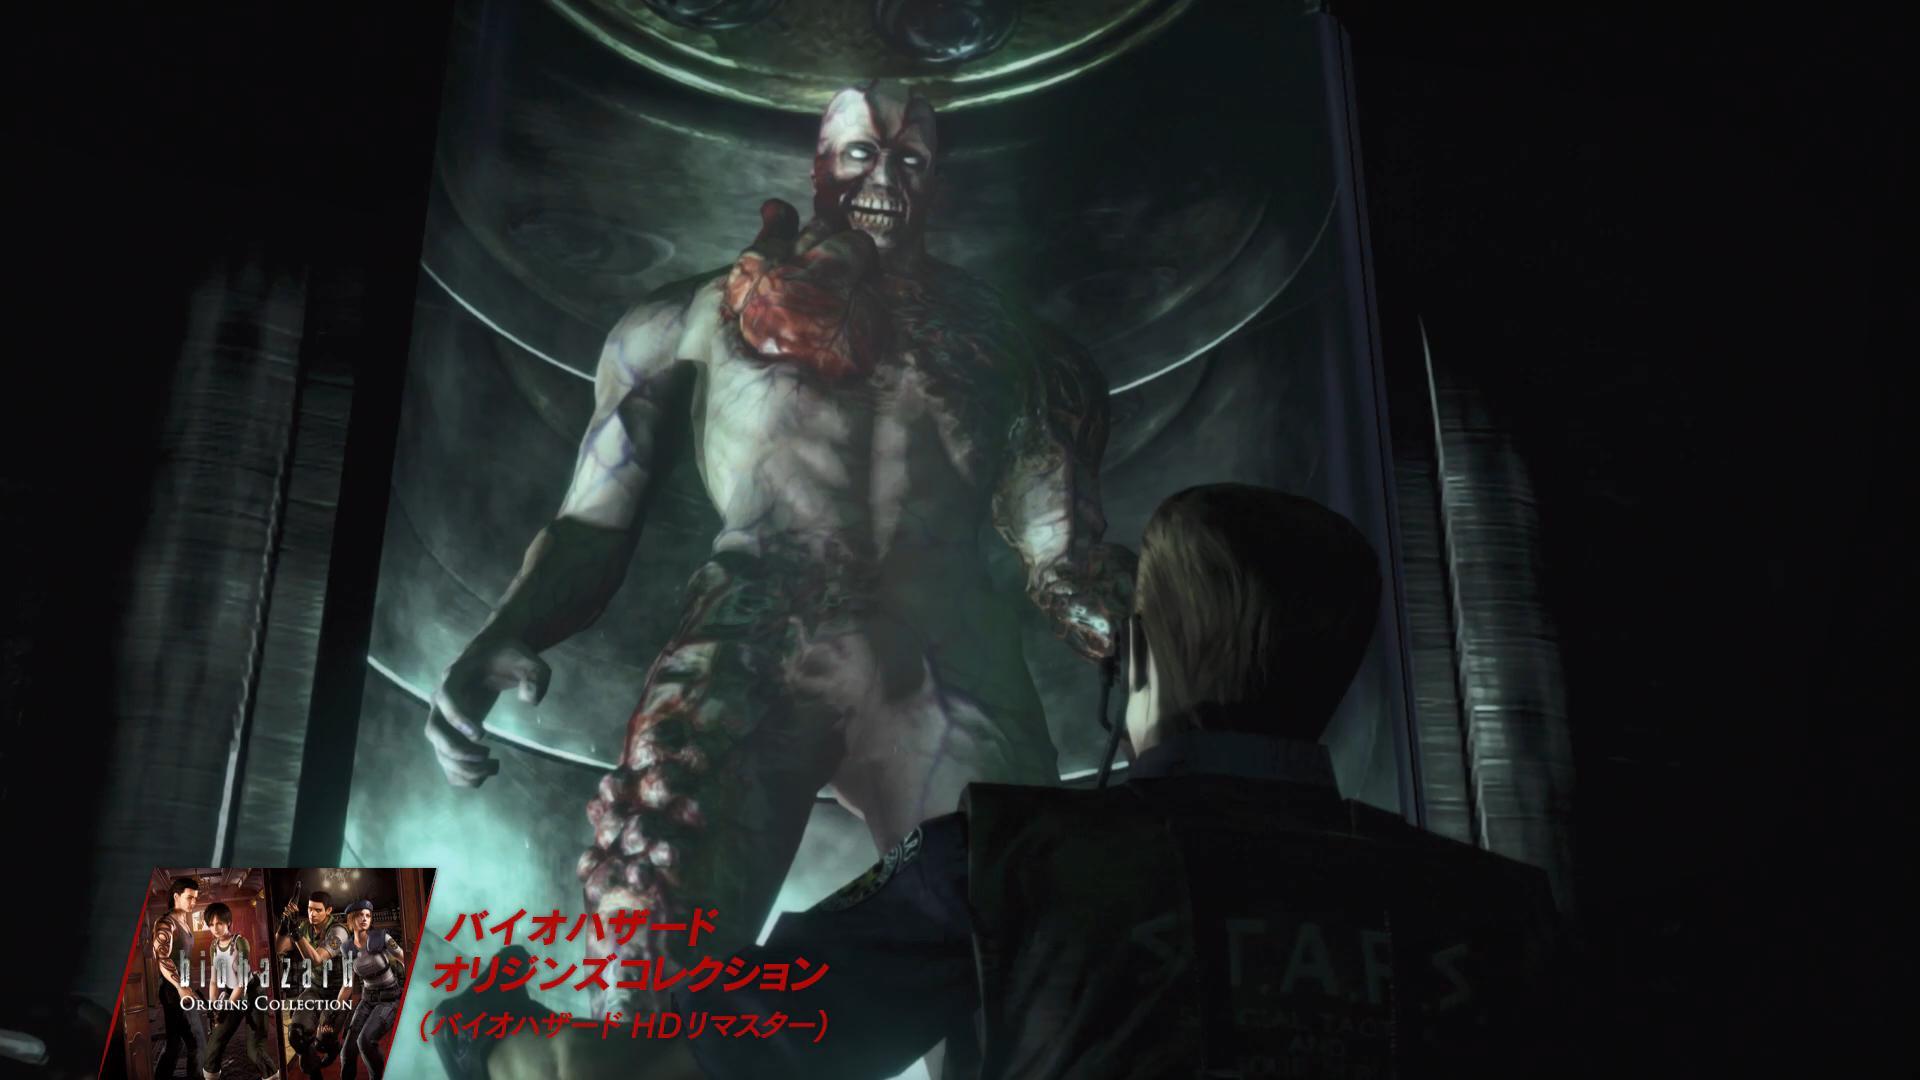 卡普空推出PS4《生化危机 25周年 剧情收藏版》 11月25日发售插图7